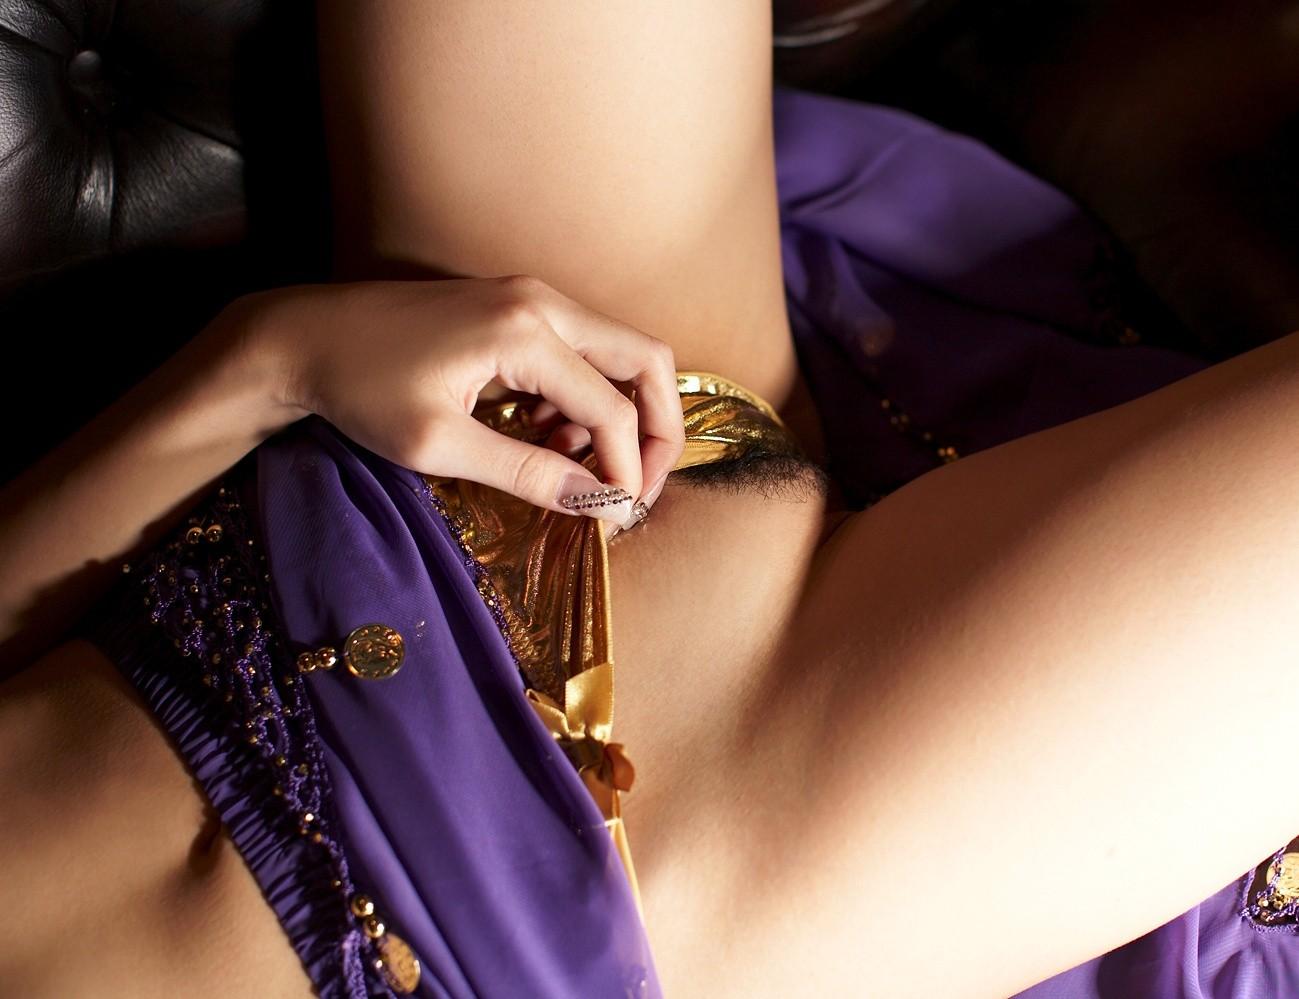 【陰毛エロ画像】剛毛だと辛いねw日本人も処理を気にすべき股間の陰毛www 04